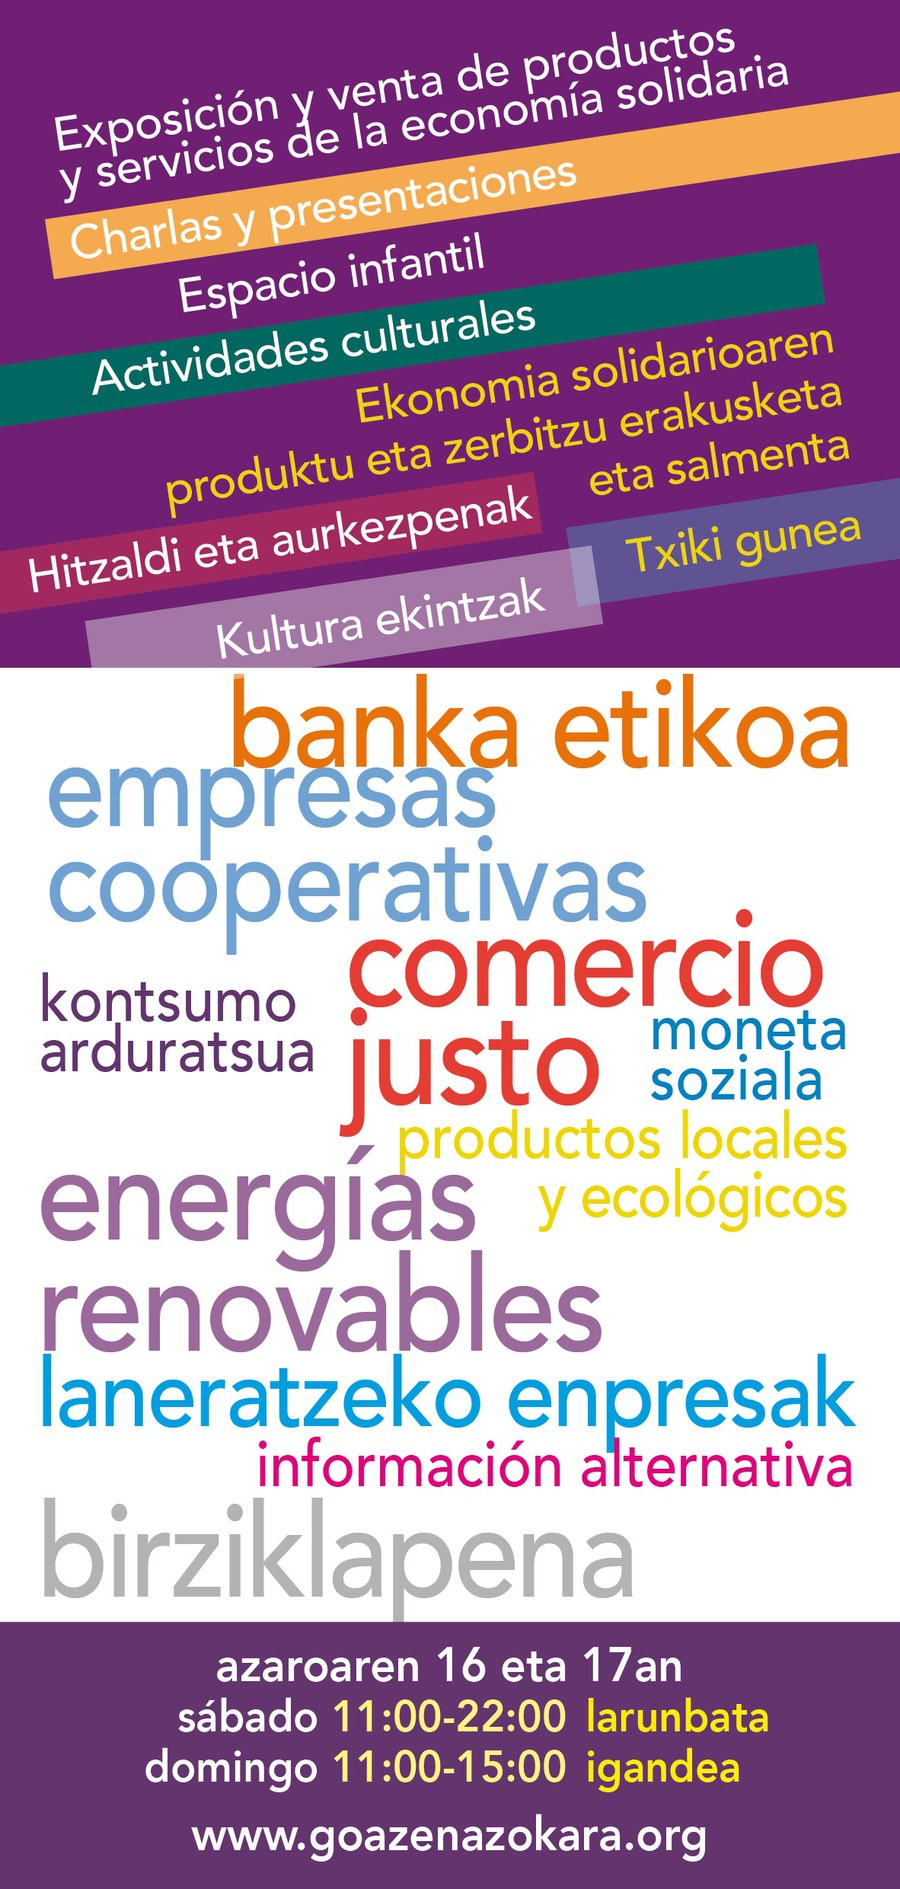 cartel feria economia solidaria.jpg